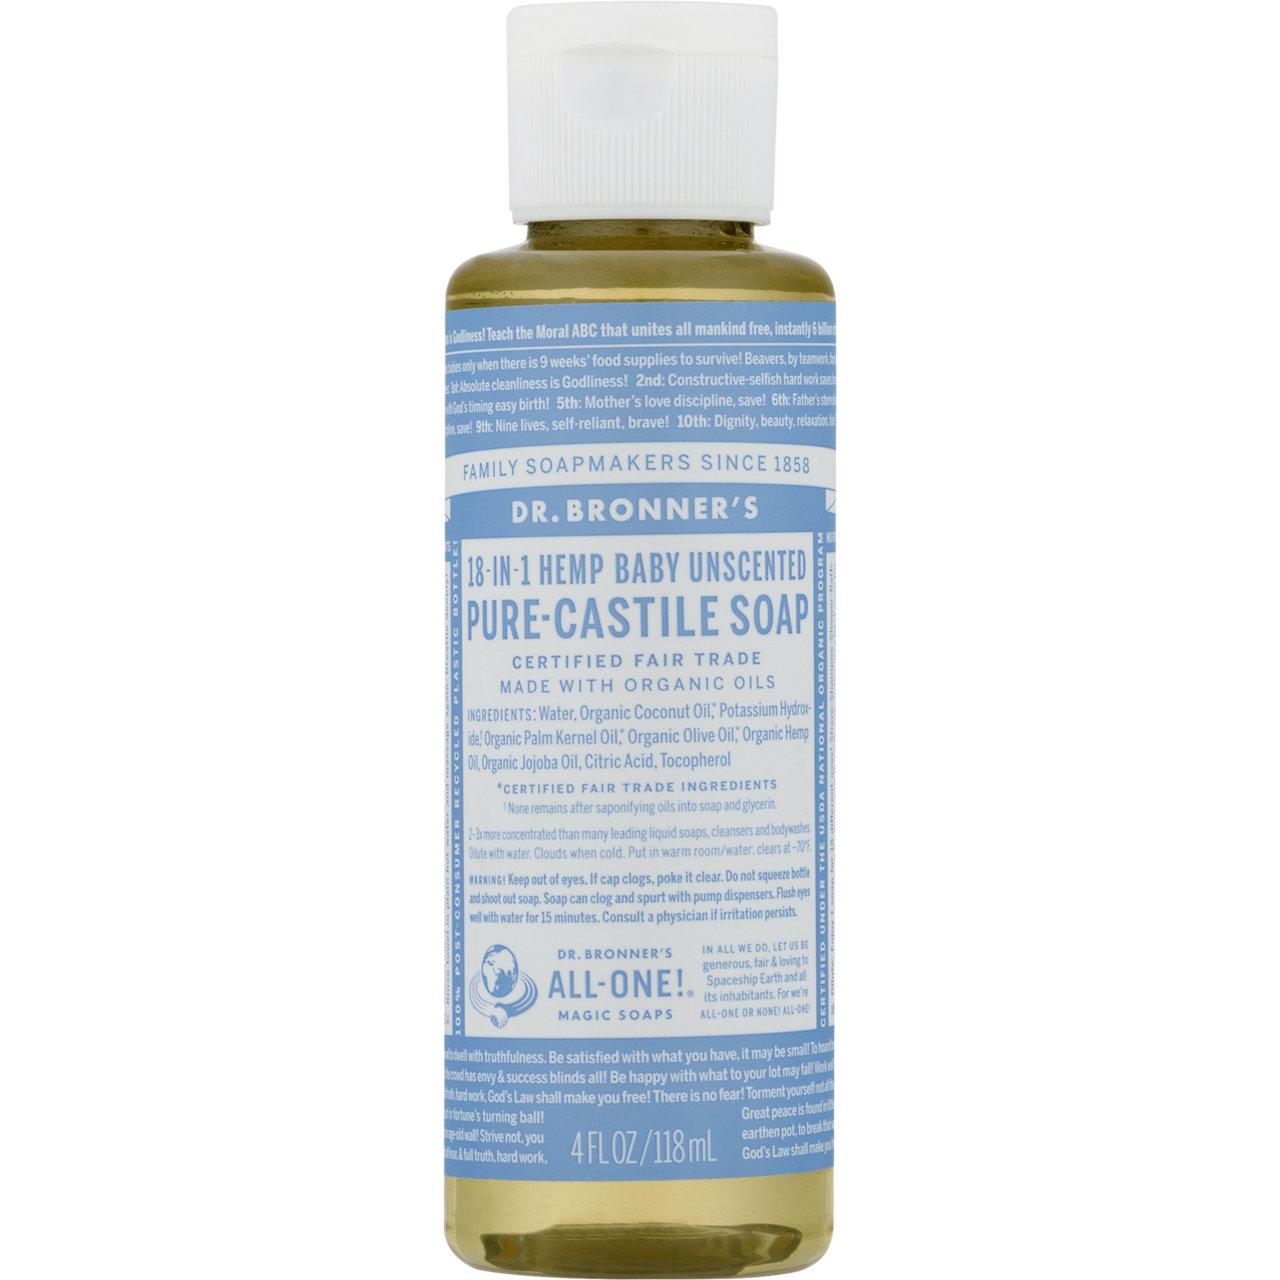 Dr Bronner's 18-in-1 Hemp Pure-Castile Soap